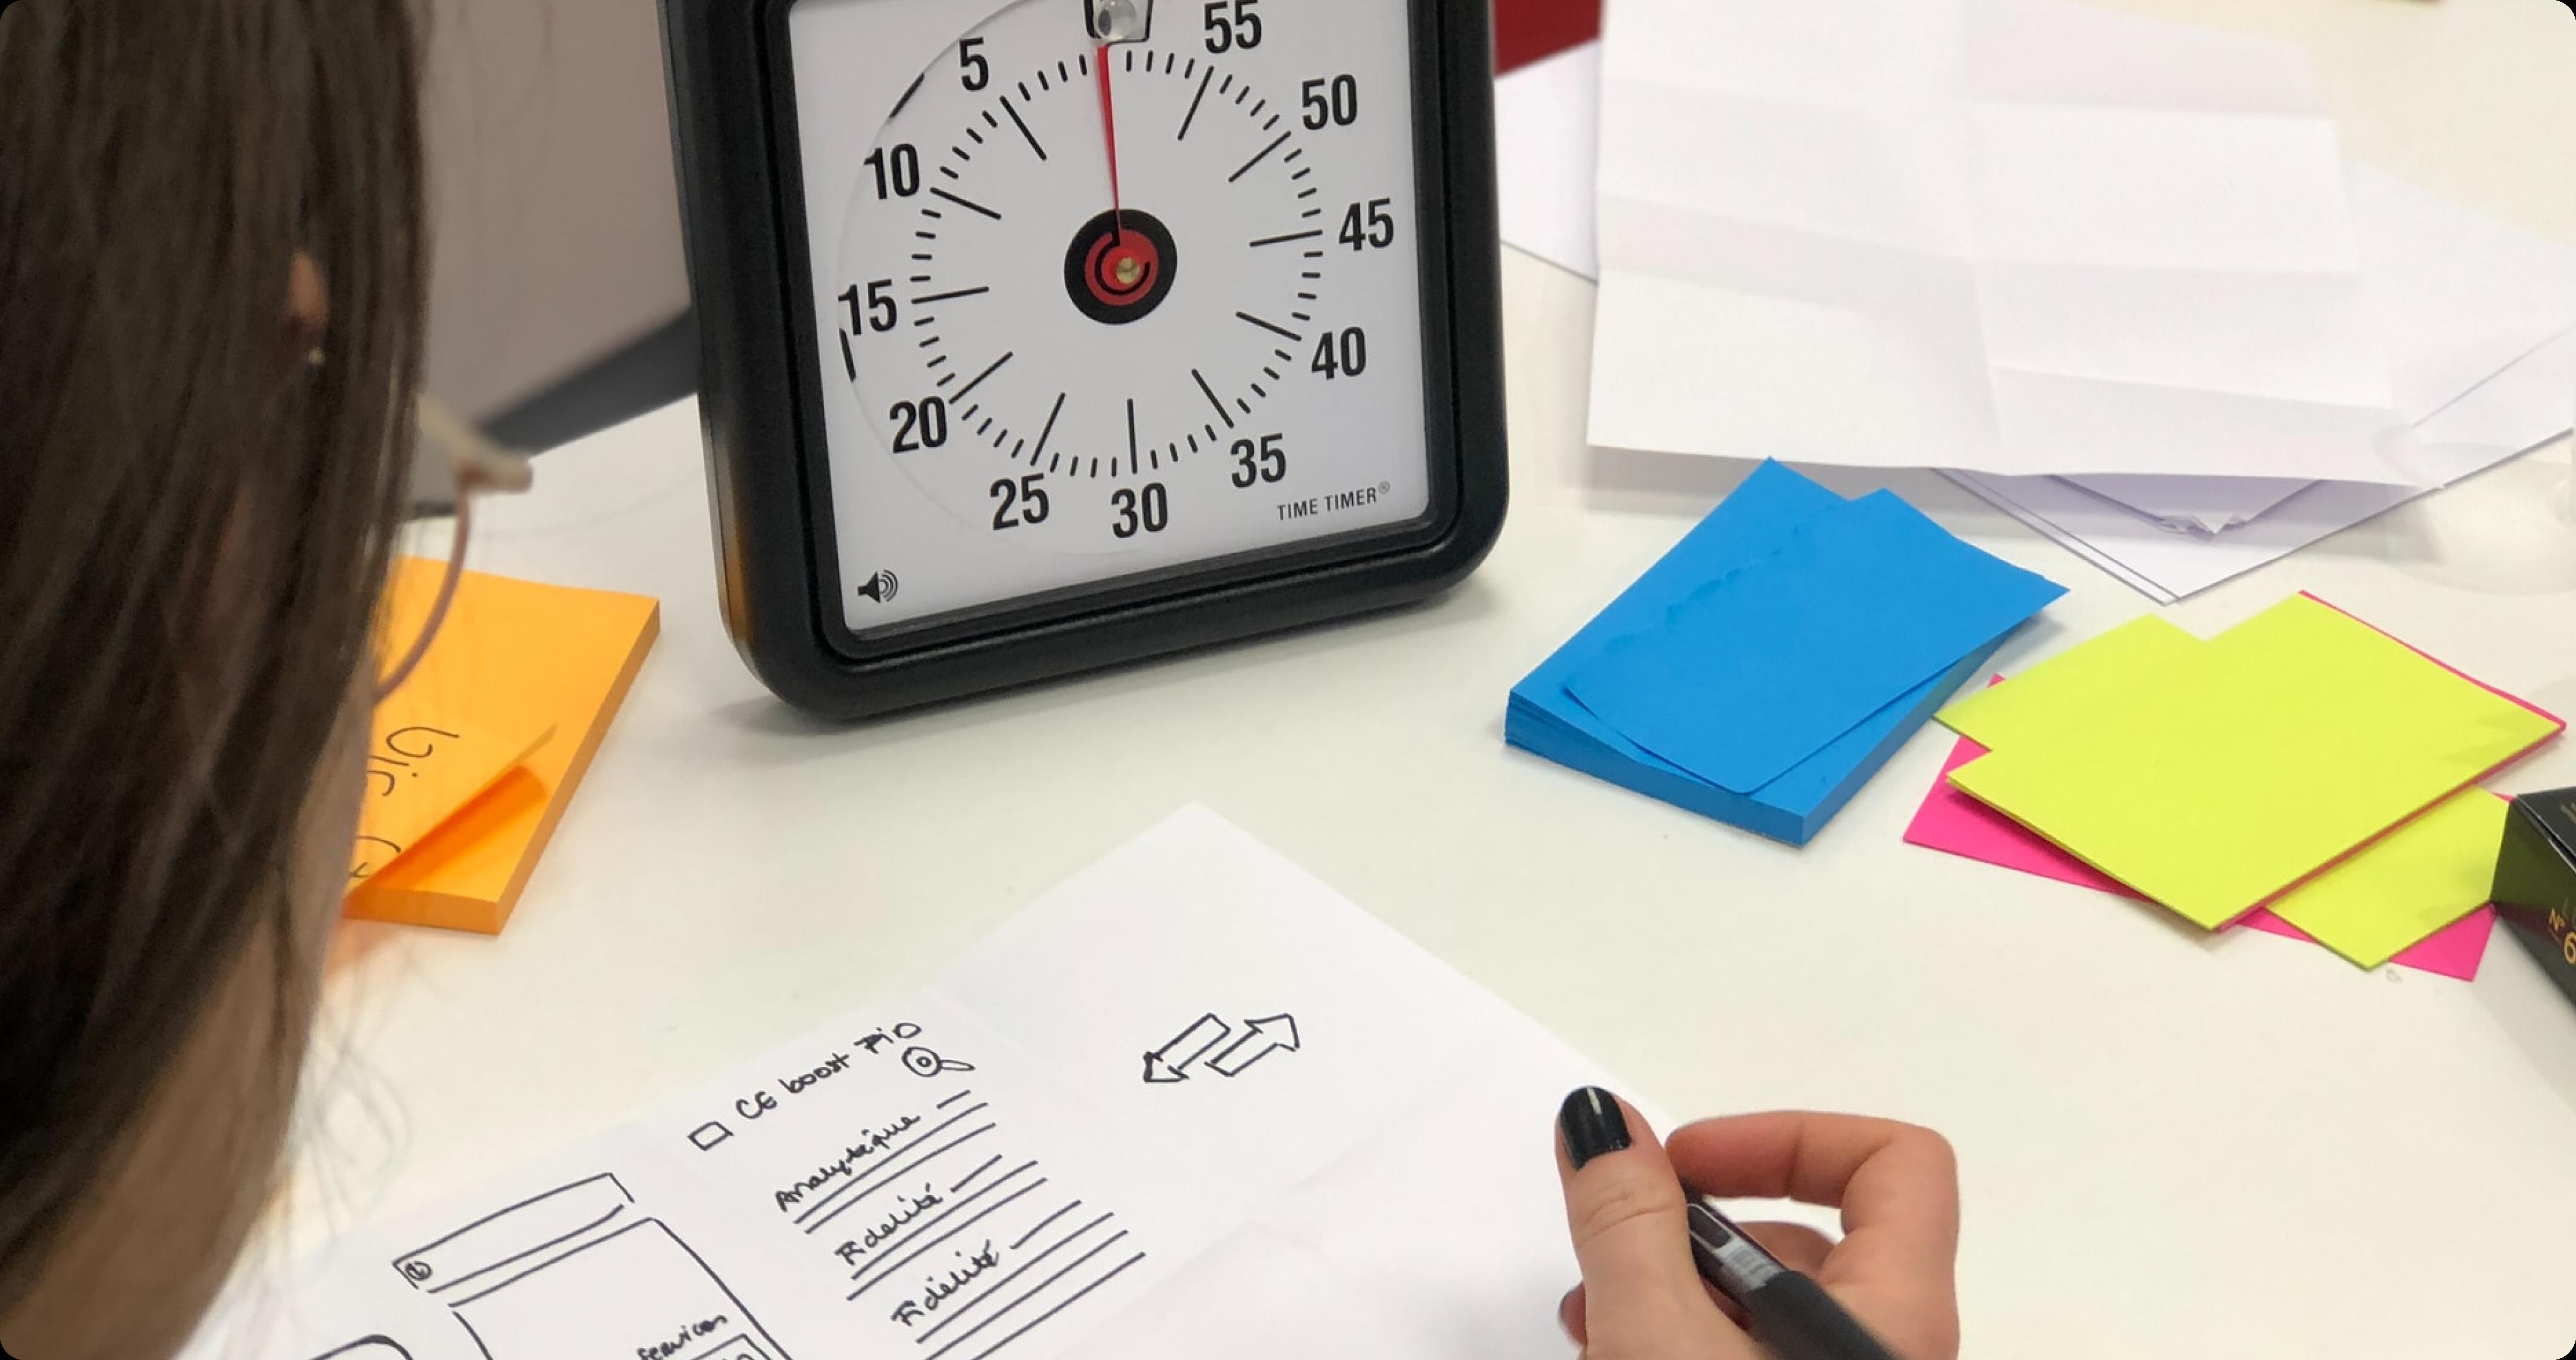 Entretien professionnel : que change la nouvelle date limite ?